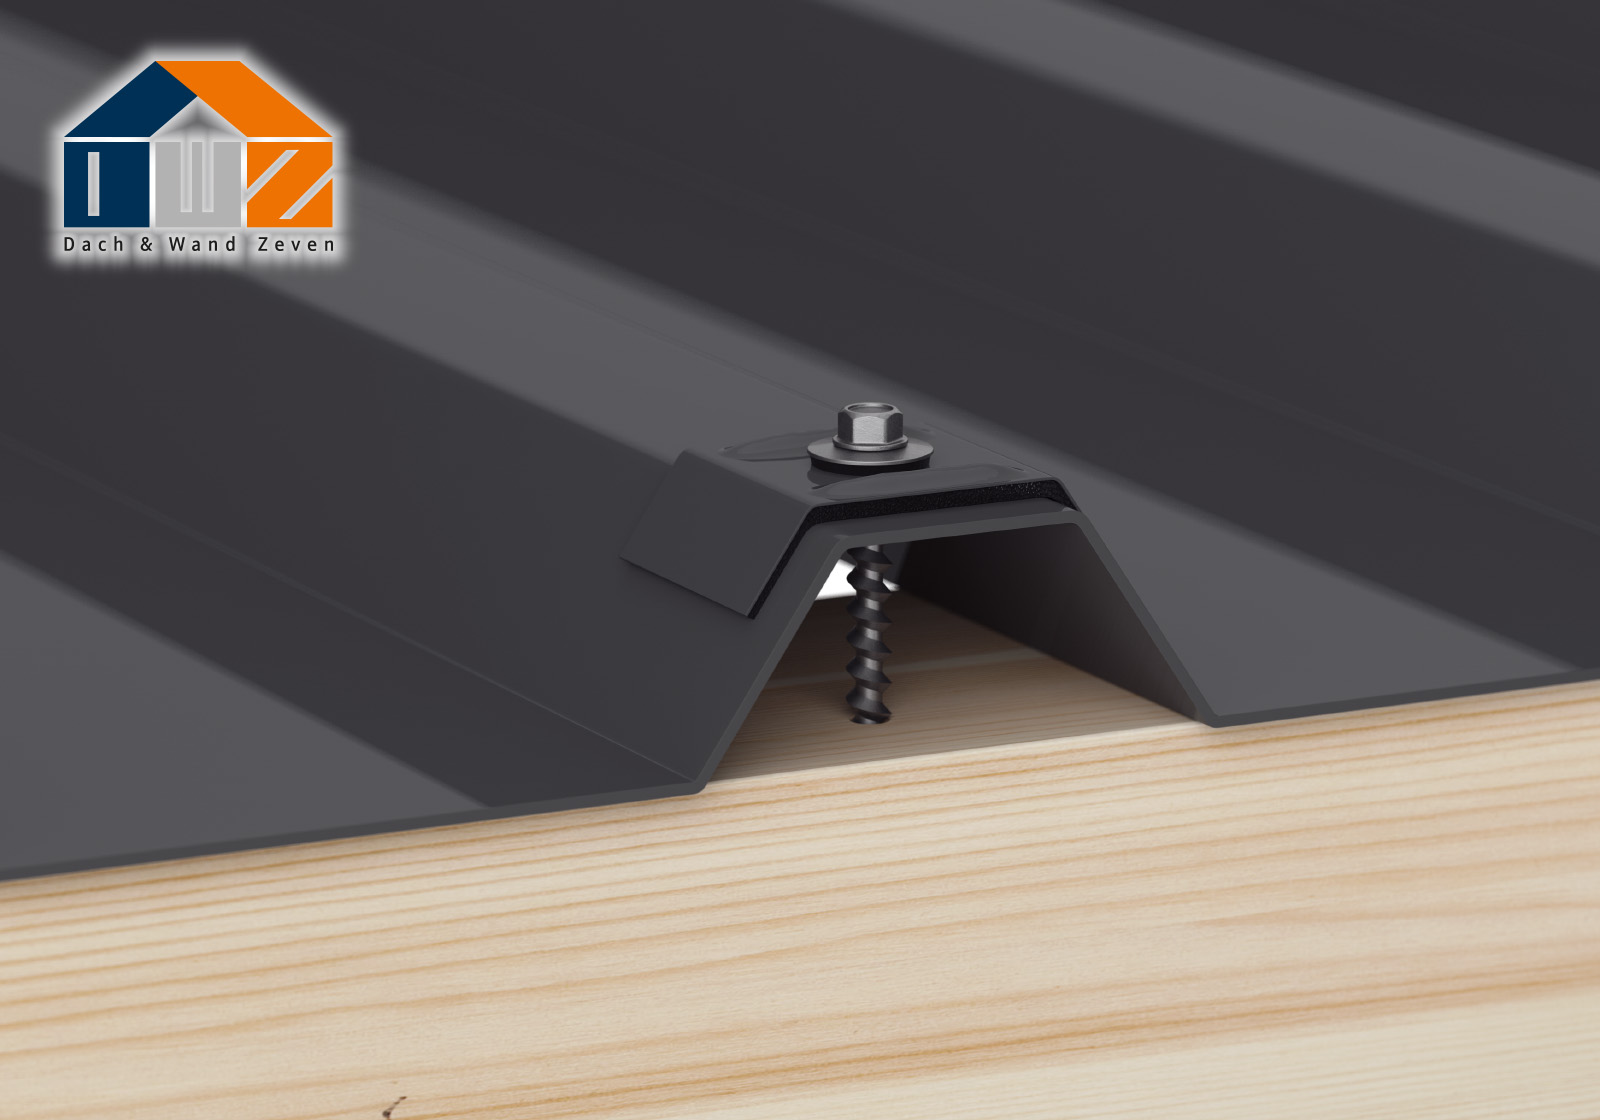 Sehr Montage Hoch- oder Tiefsicke? | Dach und Wand Zeven VY67